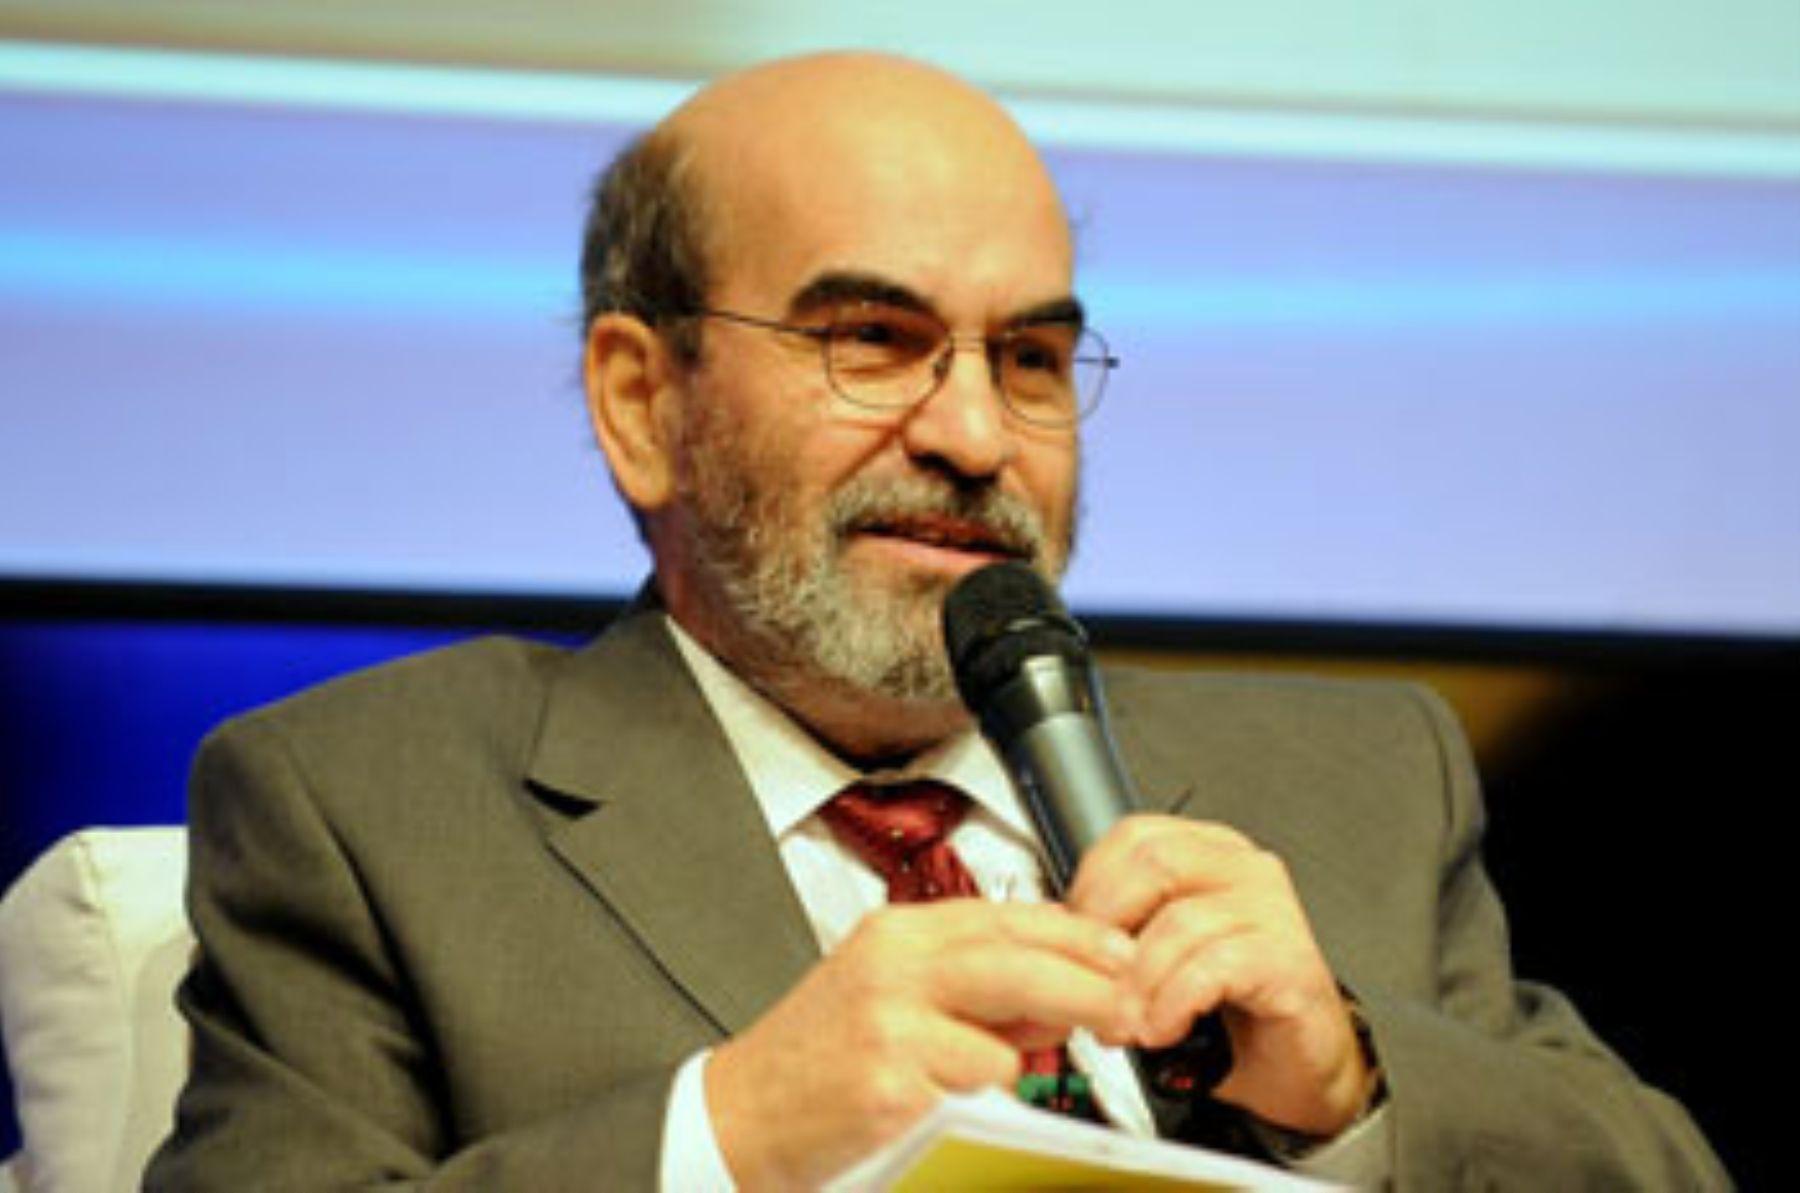 El director general de la FAO, José Graziano da Silva.INTERNET/Medios